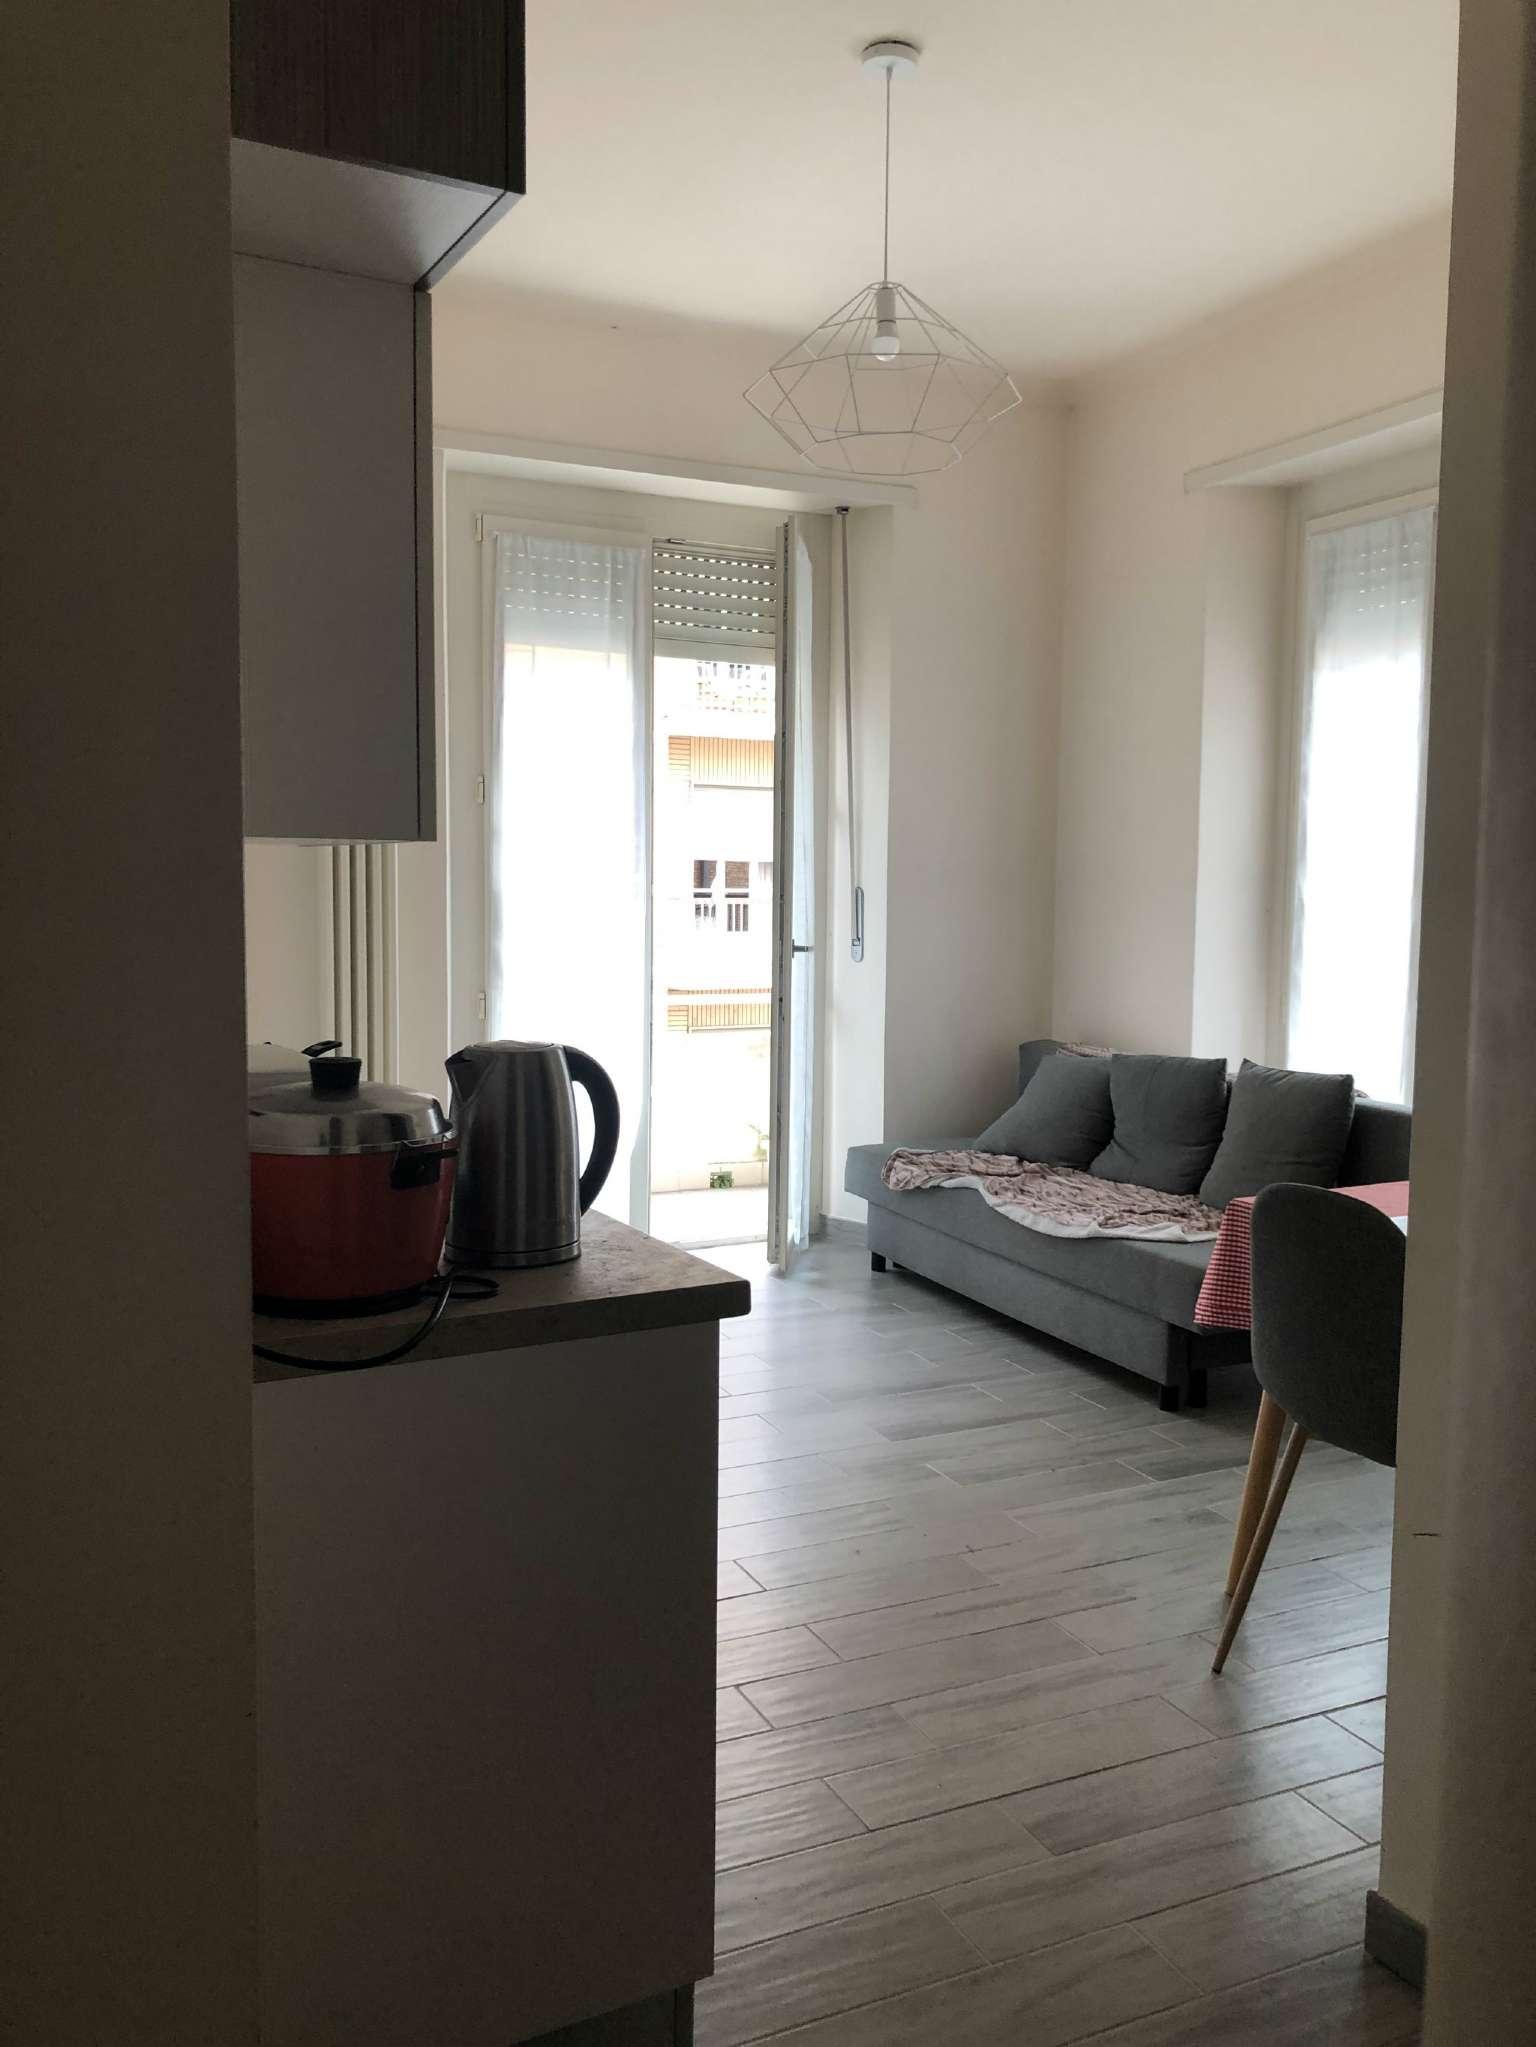 Appartamento in vendita Zona Parella, Pozzo Strada - via Zumaglia 64 bis Torino